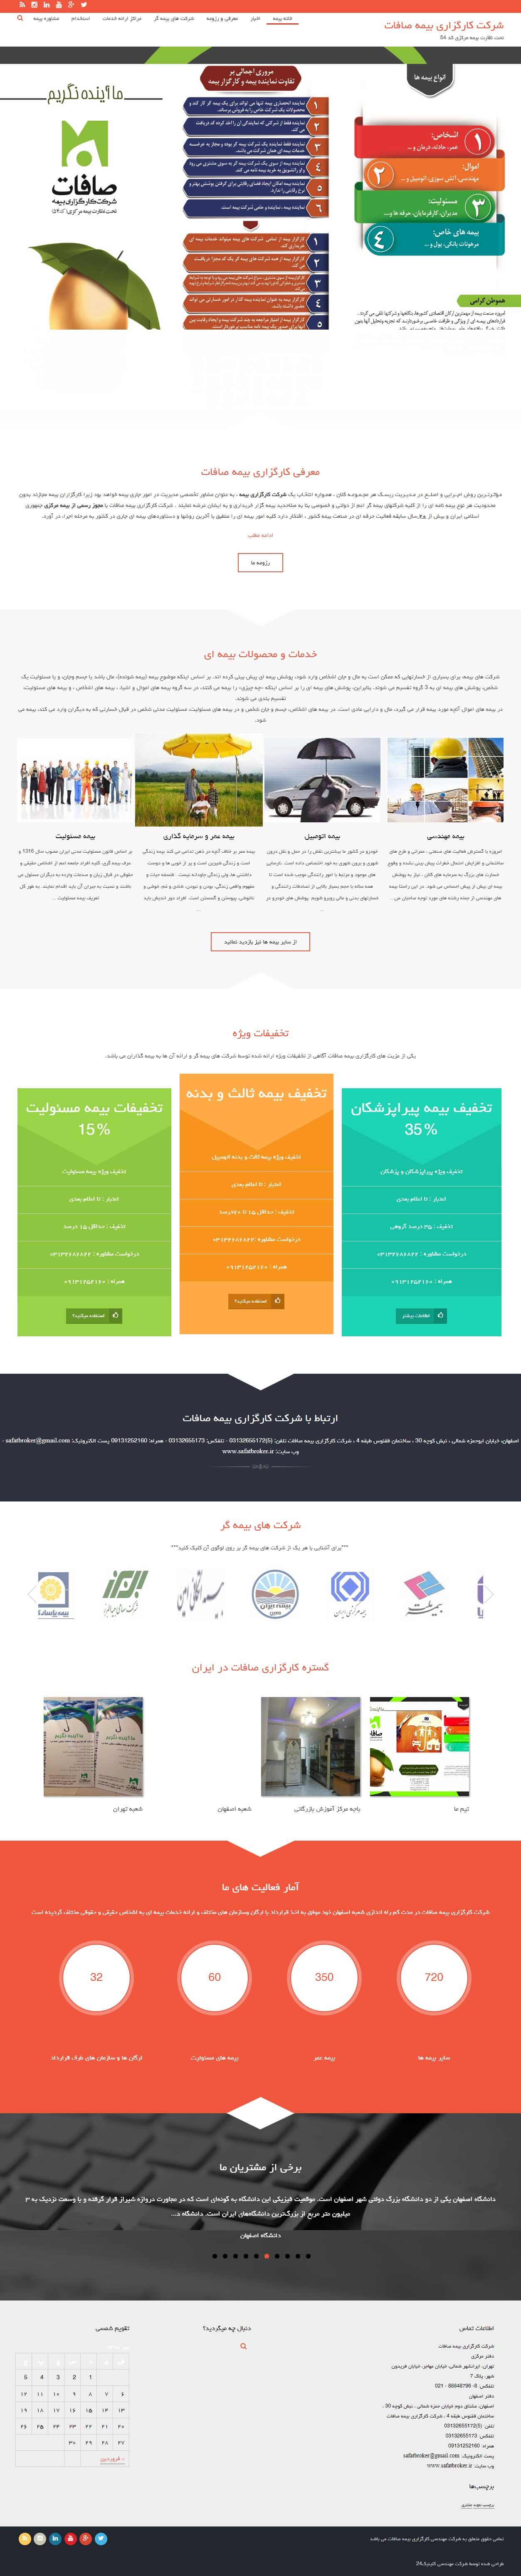 طراحی سایت شرکتی بیمه